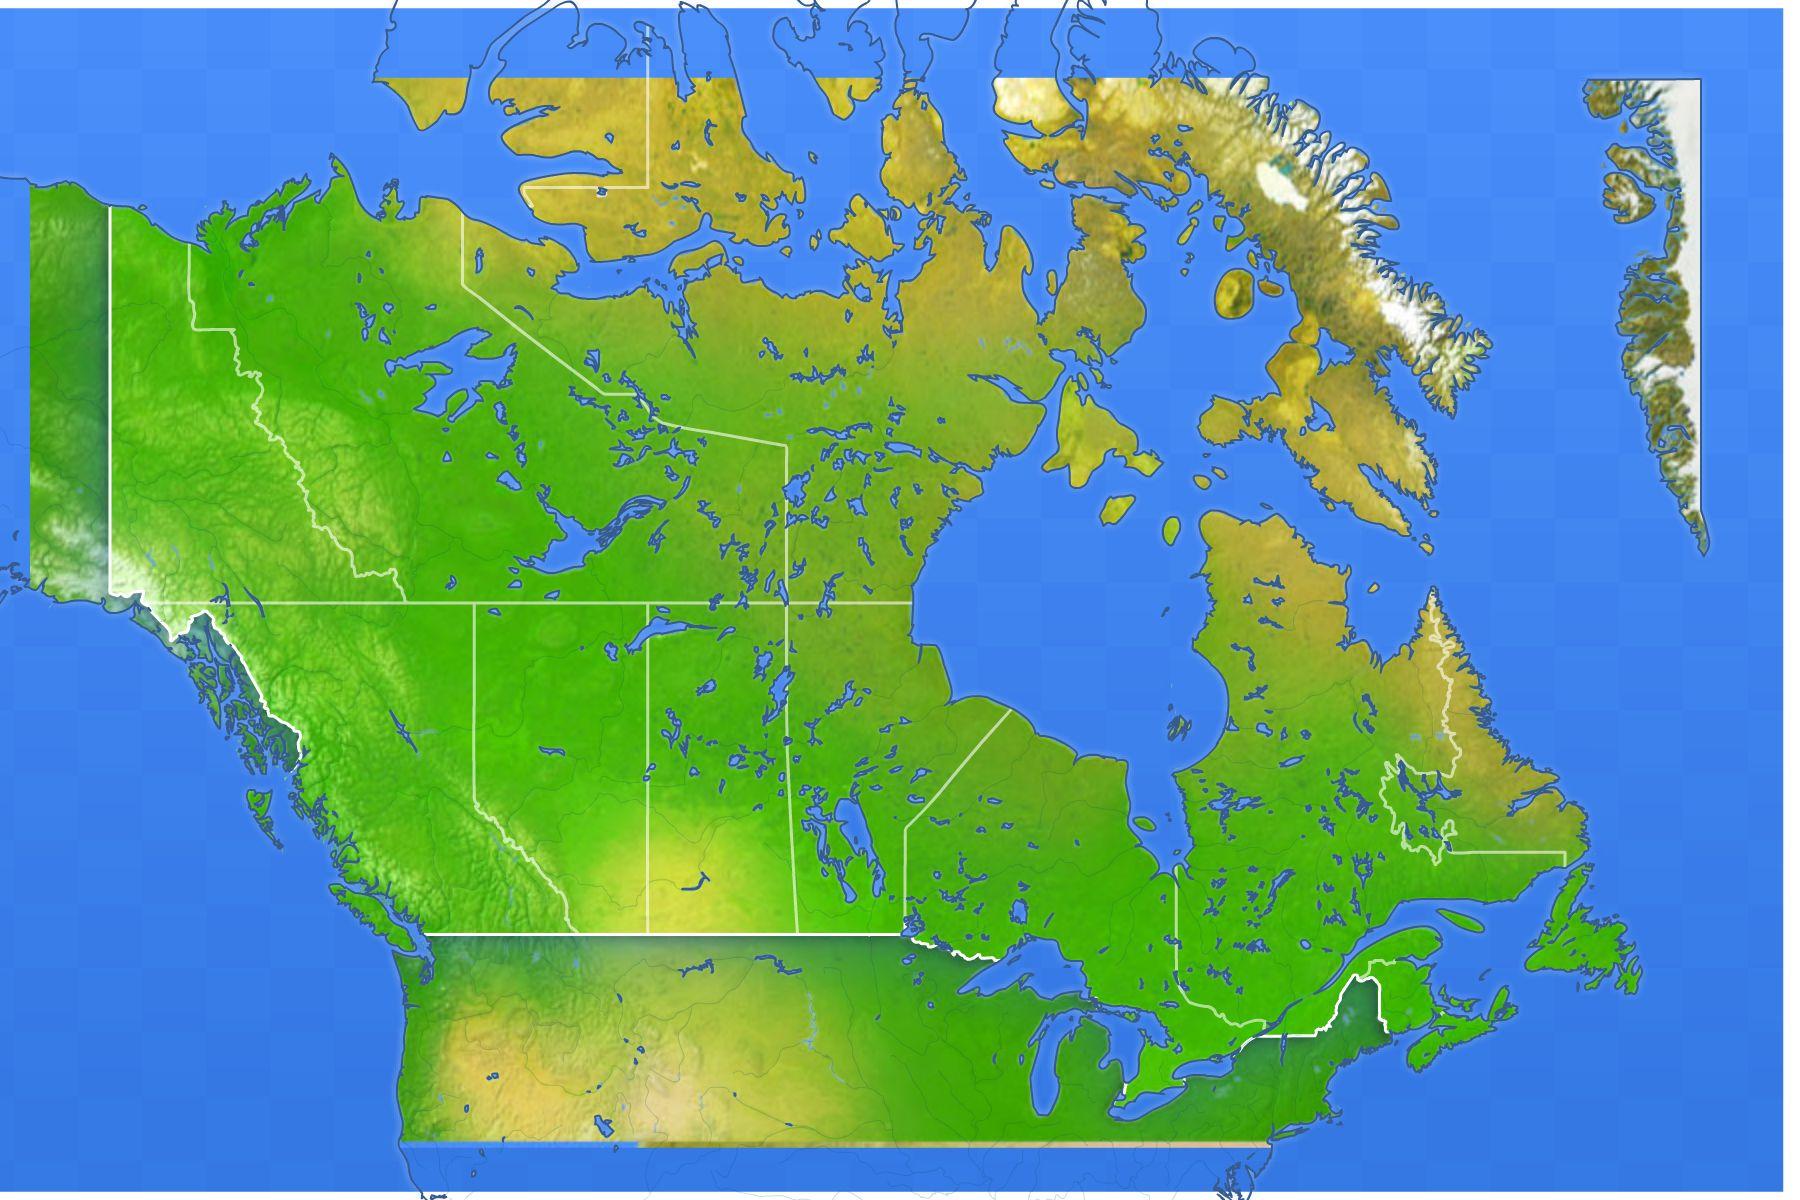 Jeux-Geographiques Jeux Gratuits Jeu Villes Du Canada serapportantà Jeux De Geographie